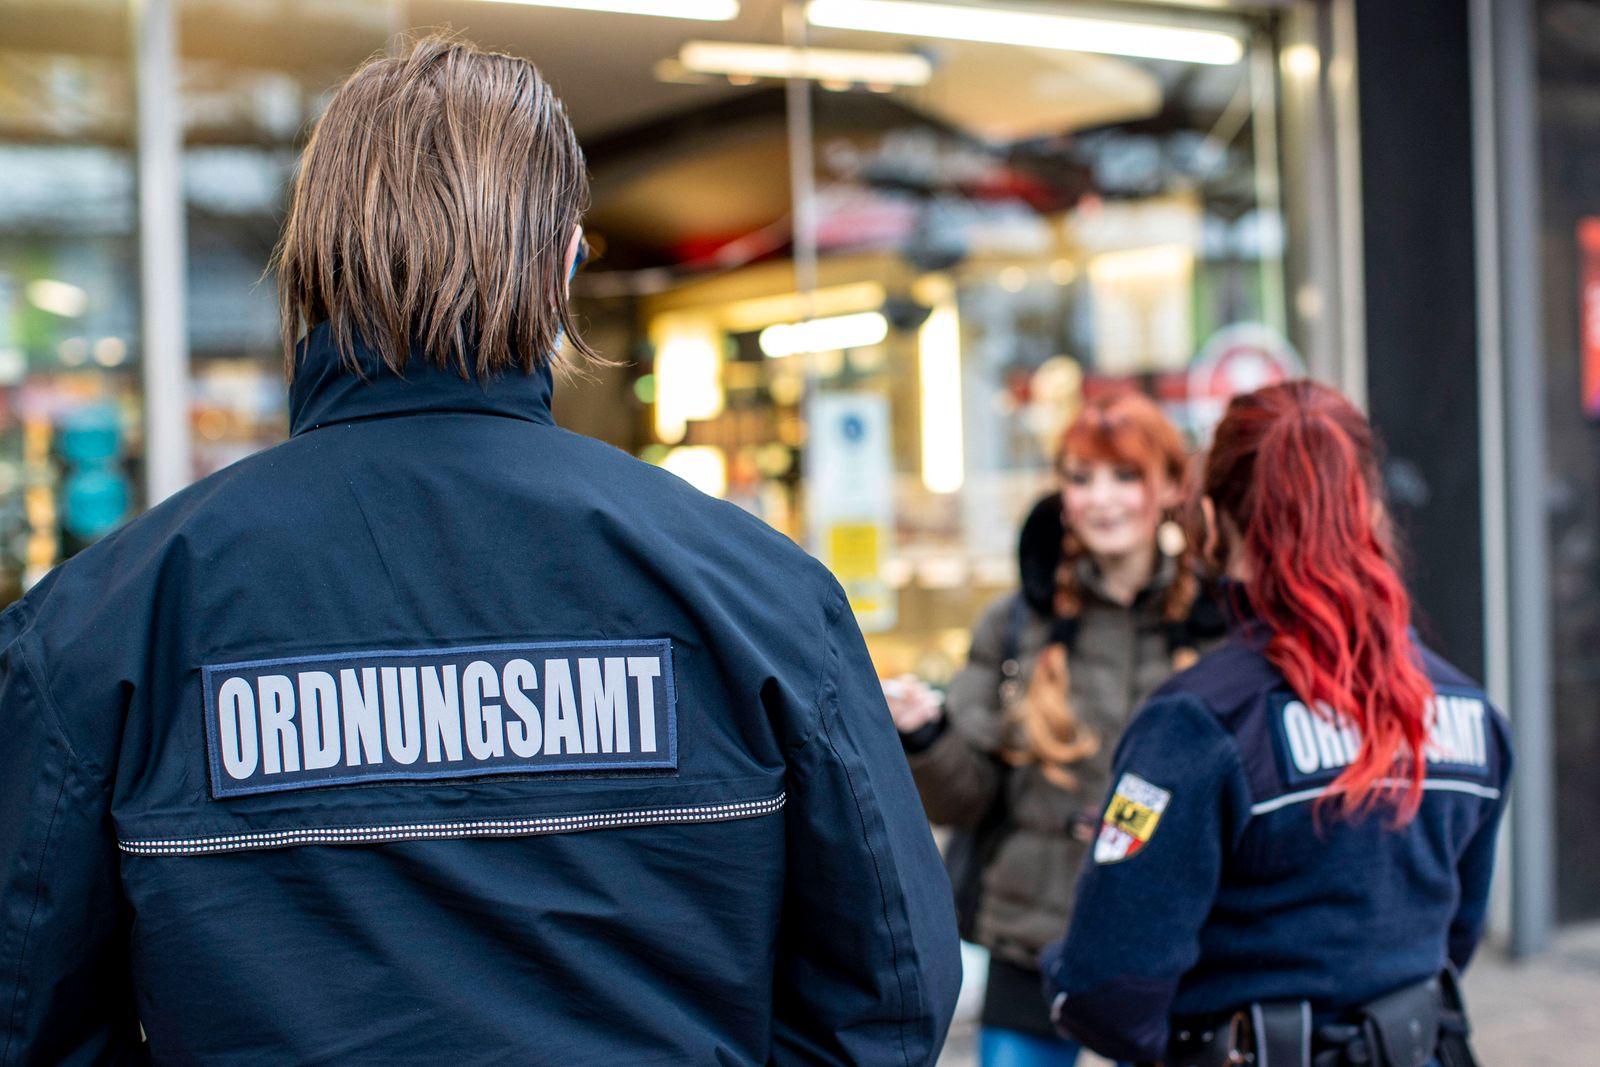 30.10.2020 , Duisburg , Ordnungsamt und Polizei in der Innenstadt auf Streife unterwegs , um die seit einer Woche gelte